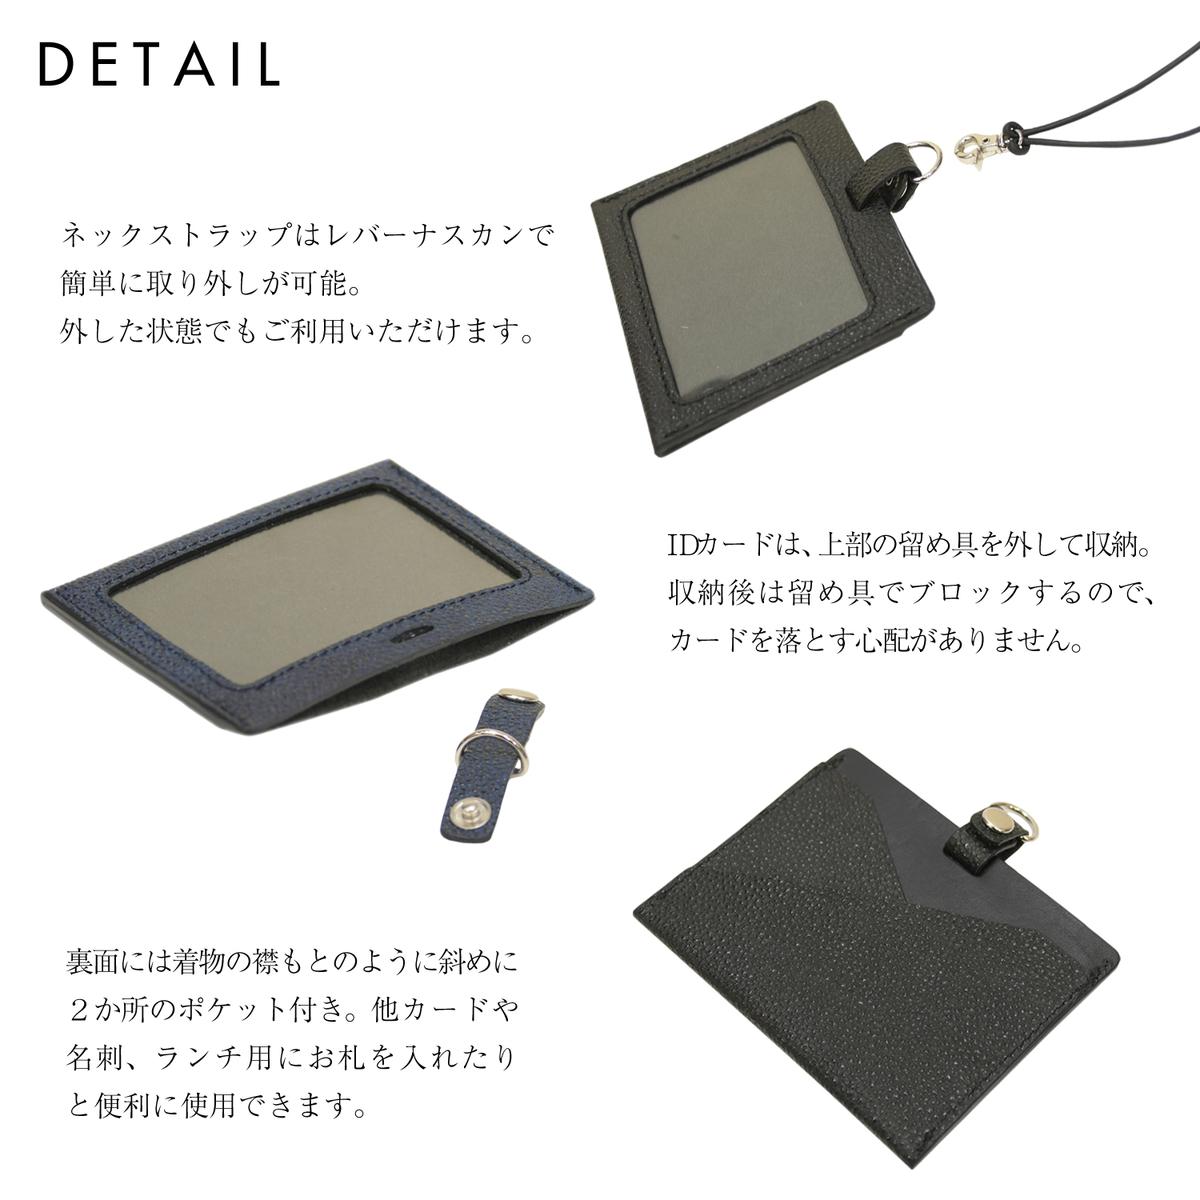 名入れ 黒桟革 藍染め IDカードケース カードケース パスケース 刻印付き レザー 漆塗り 高級 ギフト プレゼント